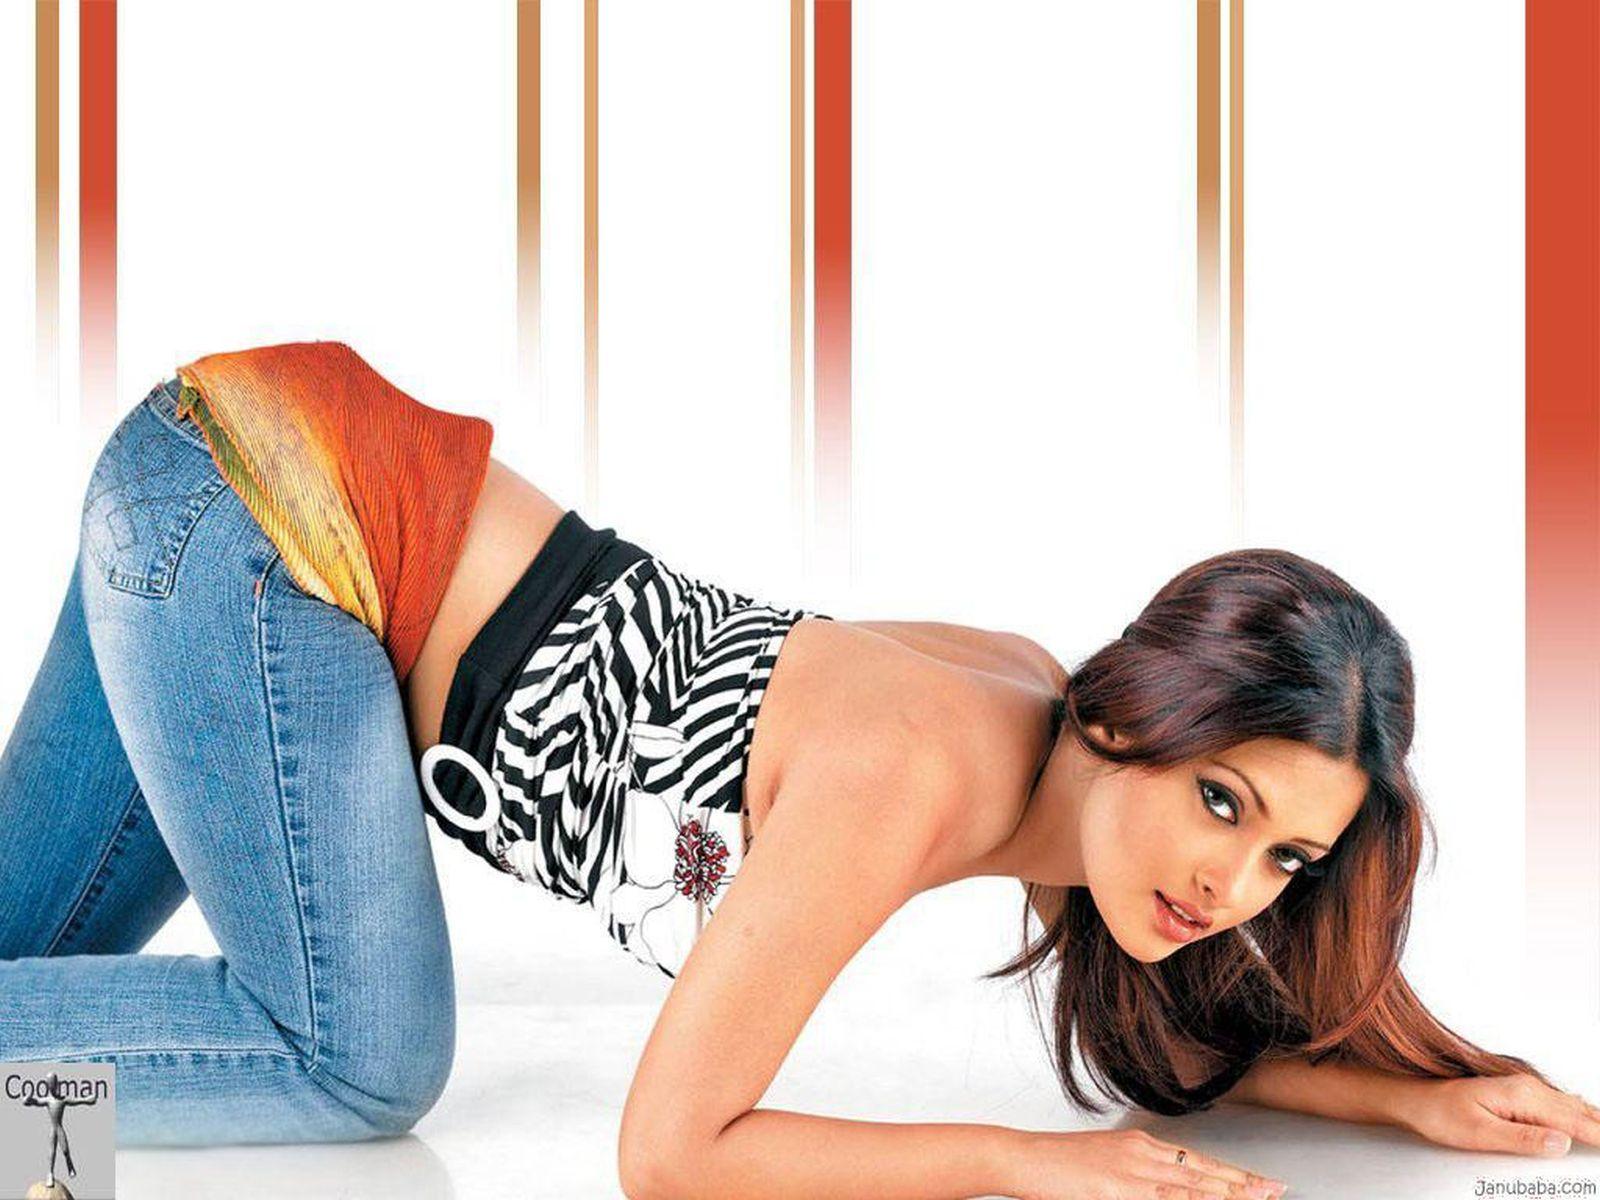 http://3.bp.blogspot.com/-OhfU_5QEzhw/UQ336XhbnGI/AAAAAAAAKk4/nrQn4Lo6jAc/s1600/Bollywood+Cute+Actress+Riya+Sen+Photos+Free+Download6.jpg